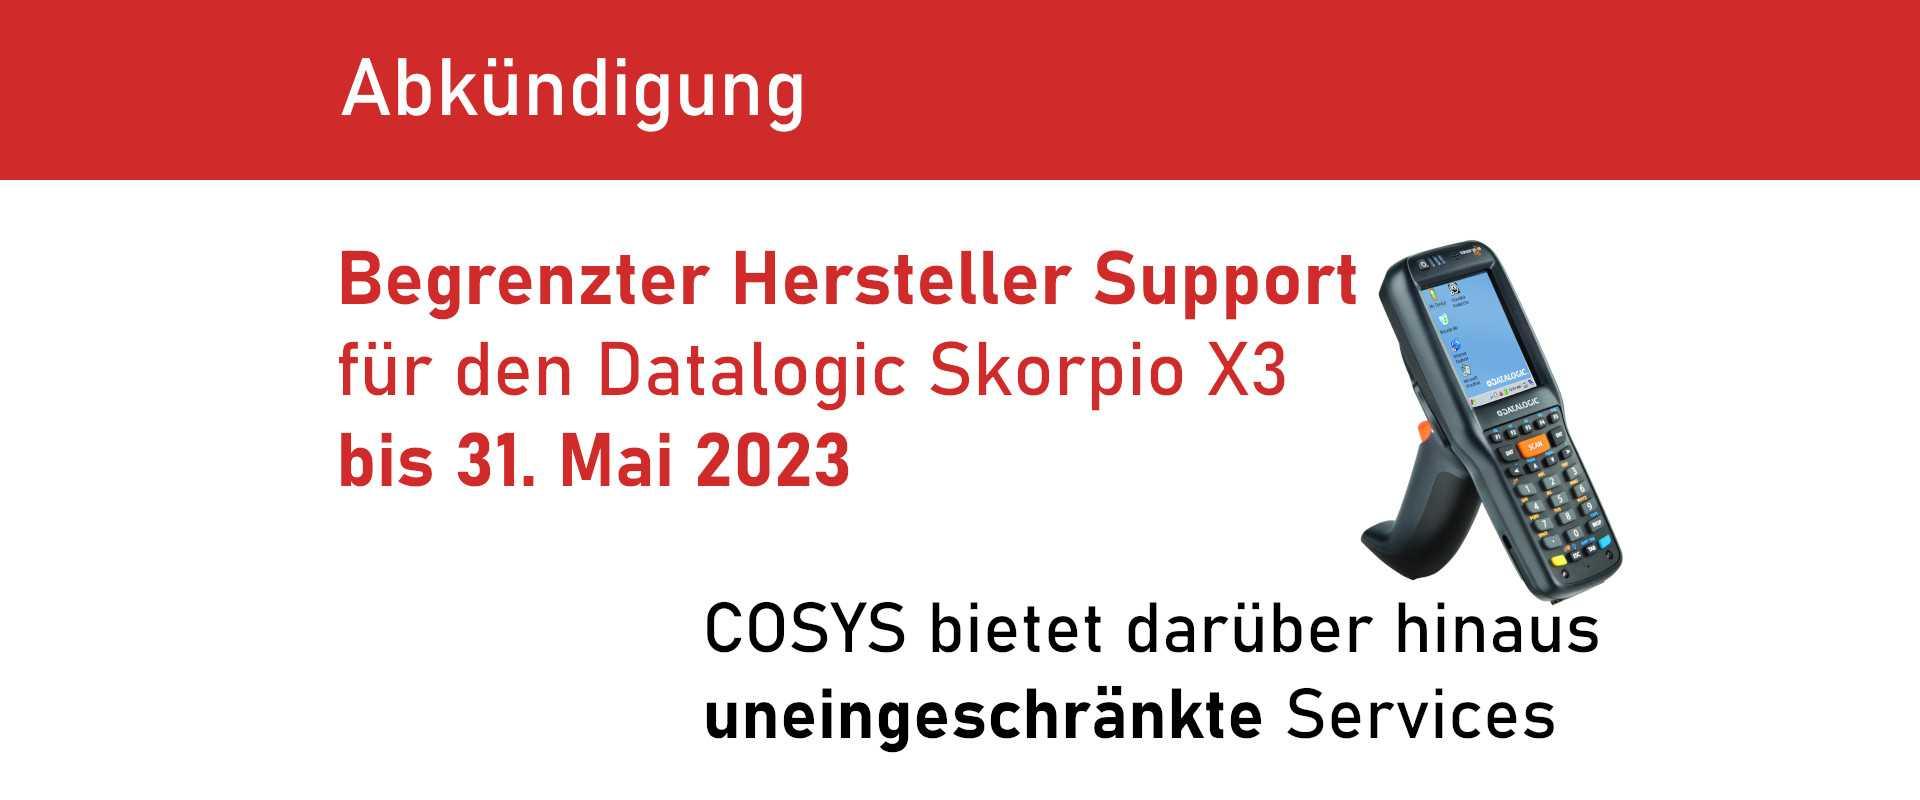 End of Service für den Datalogic Skorpio X3